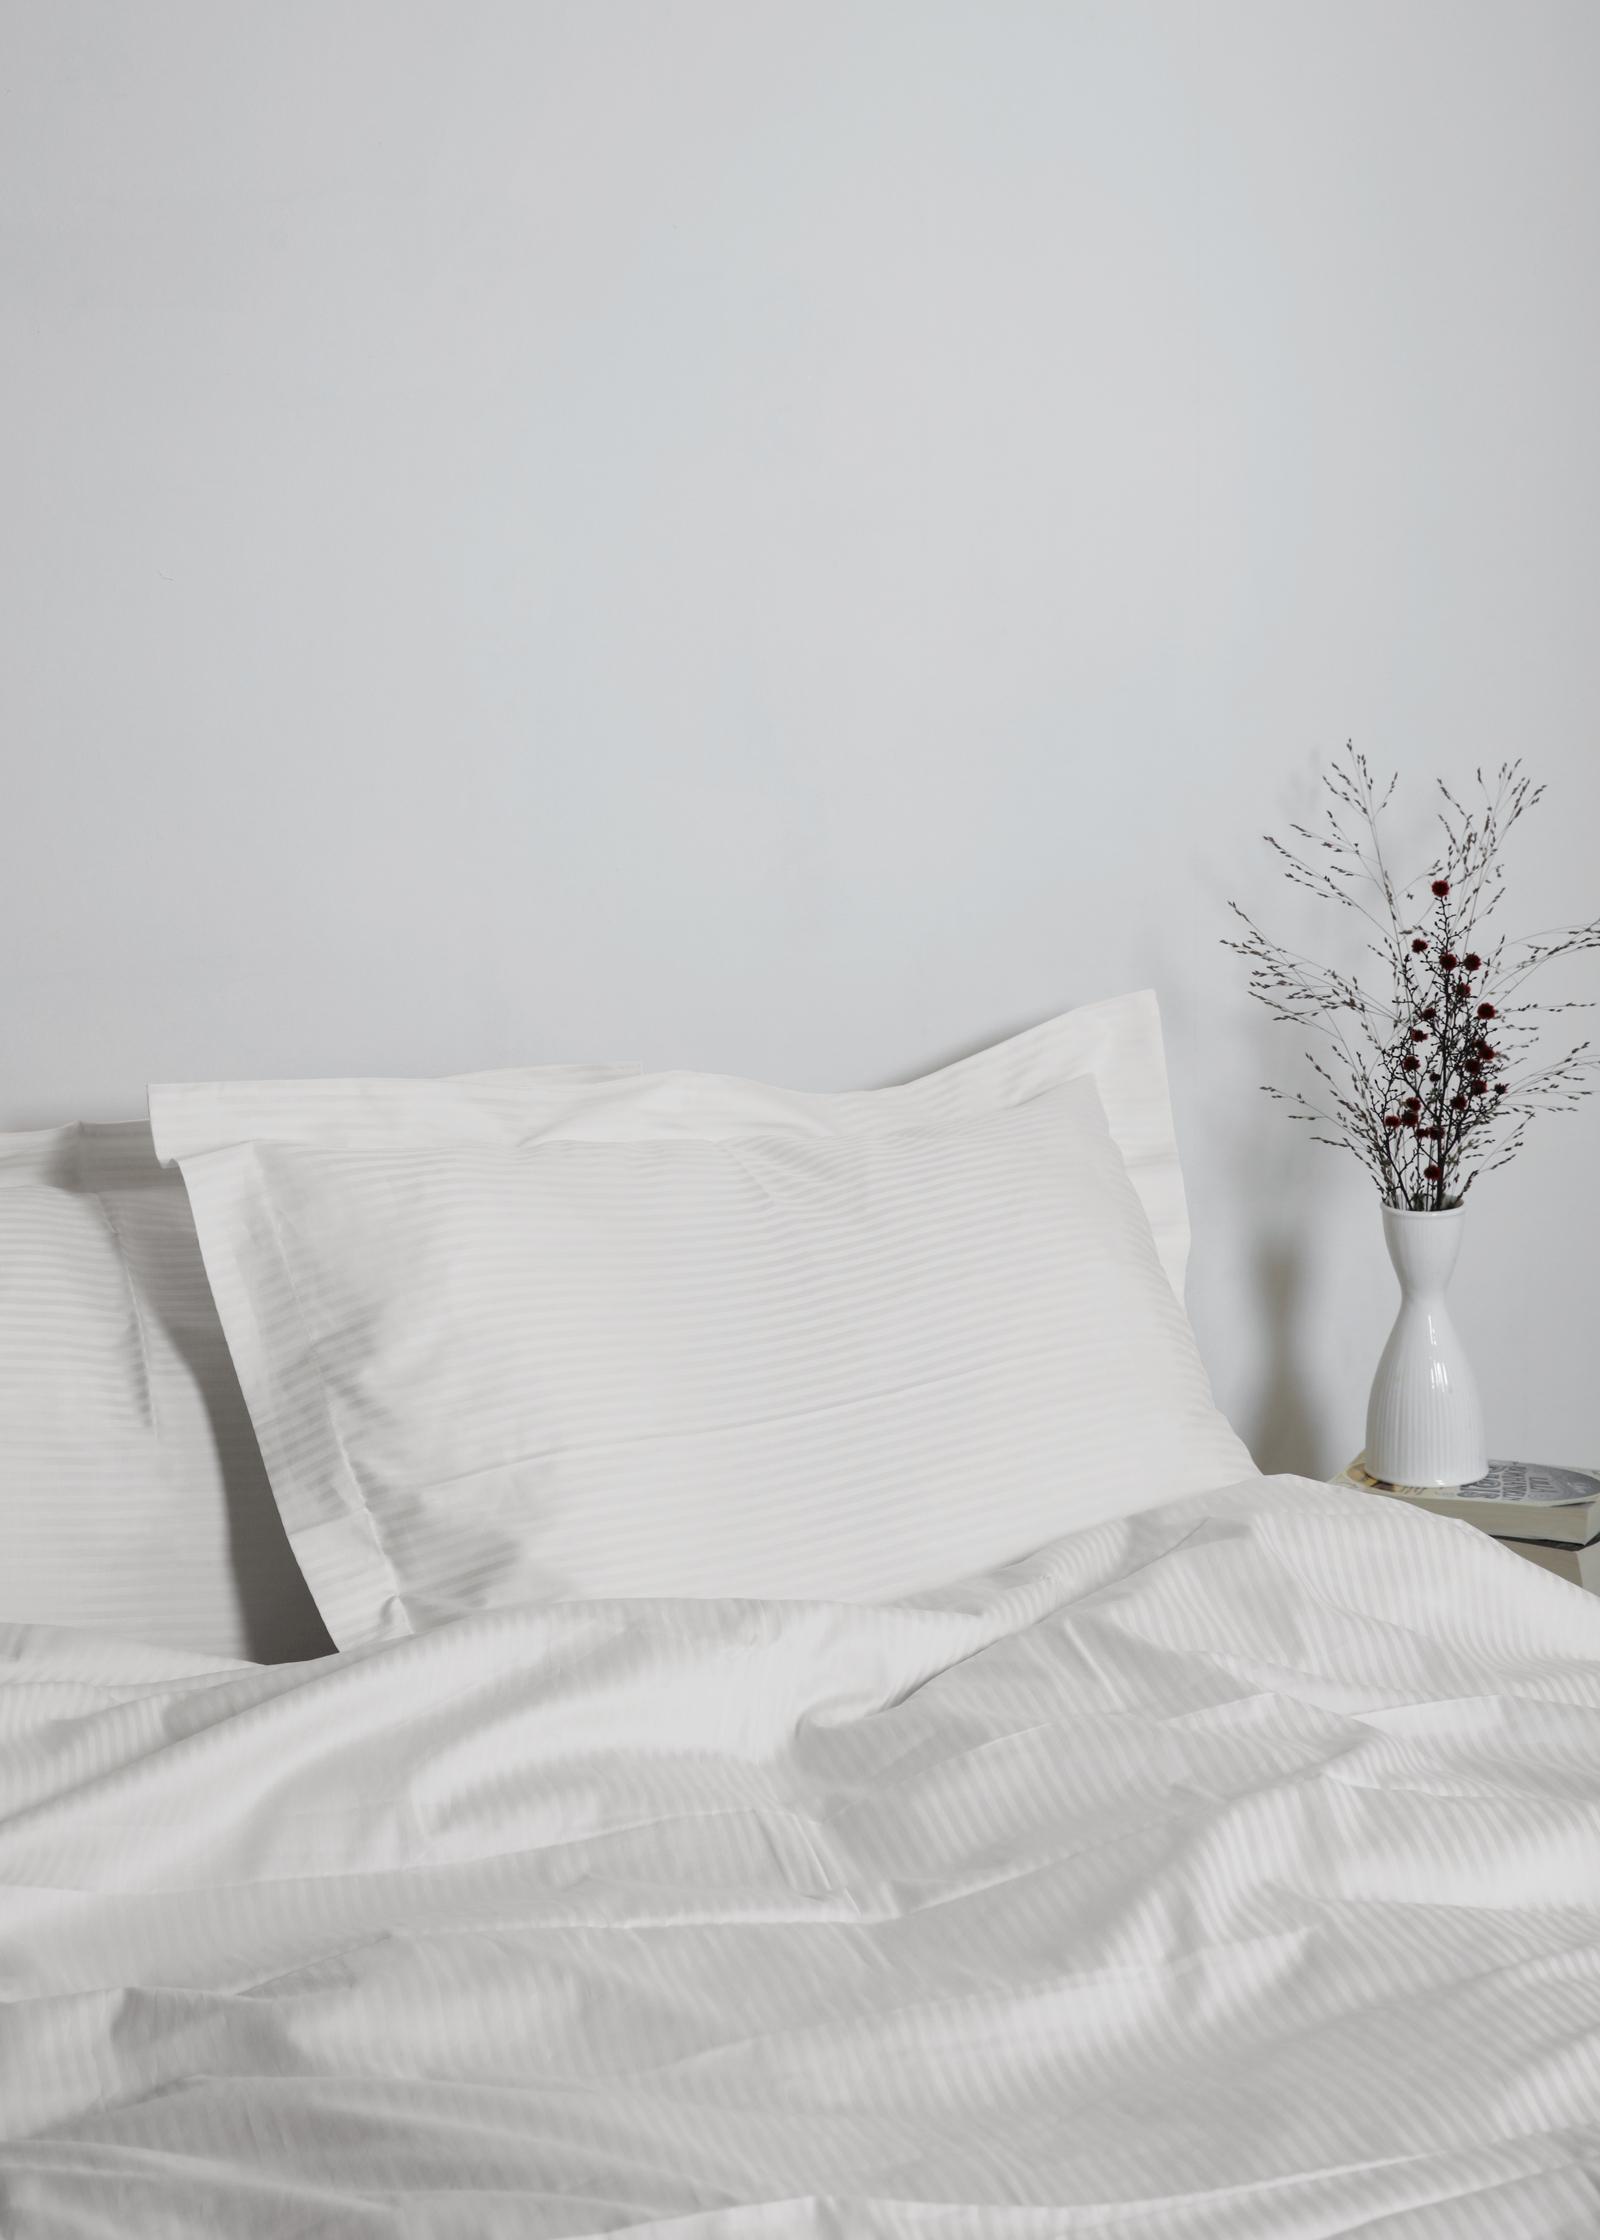 Gastaldi Ara Italienskt sänglinne, Klässbols Linneväveri kuddvar vit